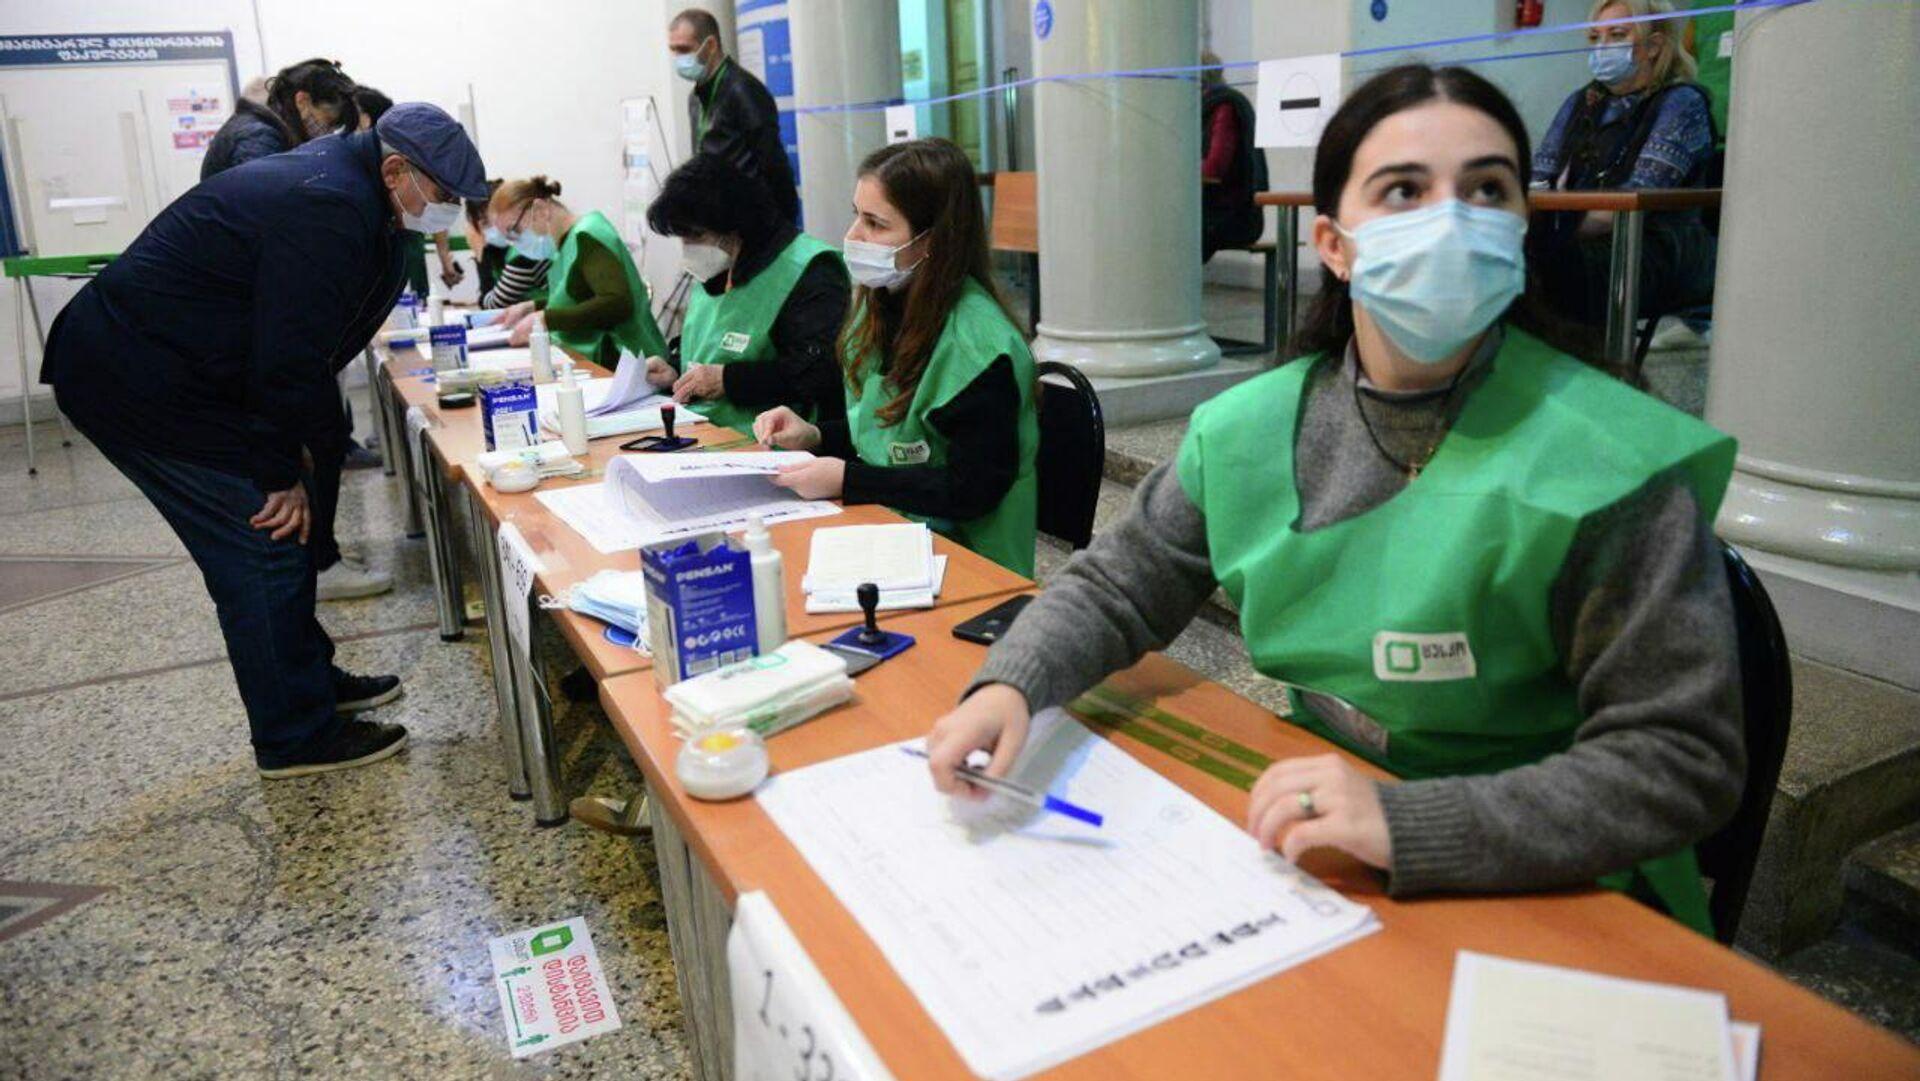 Местные выборы в Грузии 2 октября - сотрудники избирательной администрации во время голосования - Sputnik Грузия, 1920, 02.10.2021